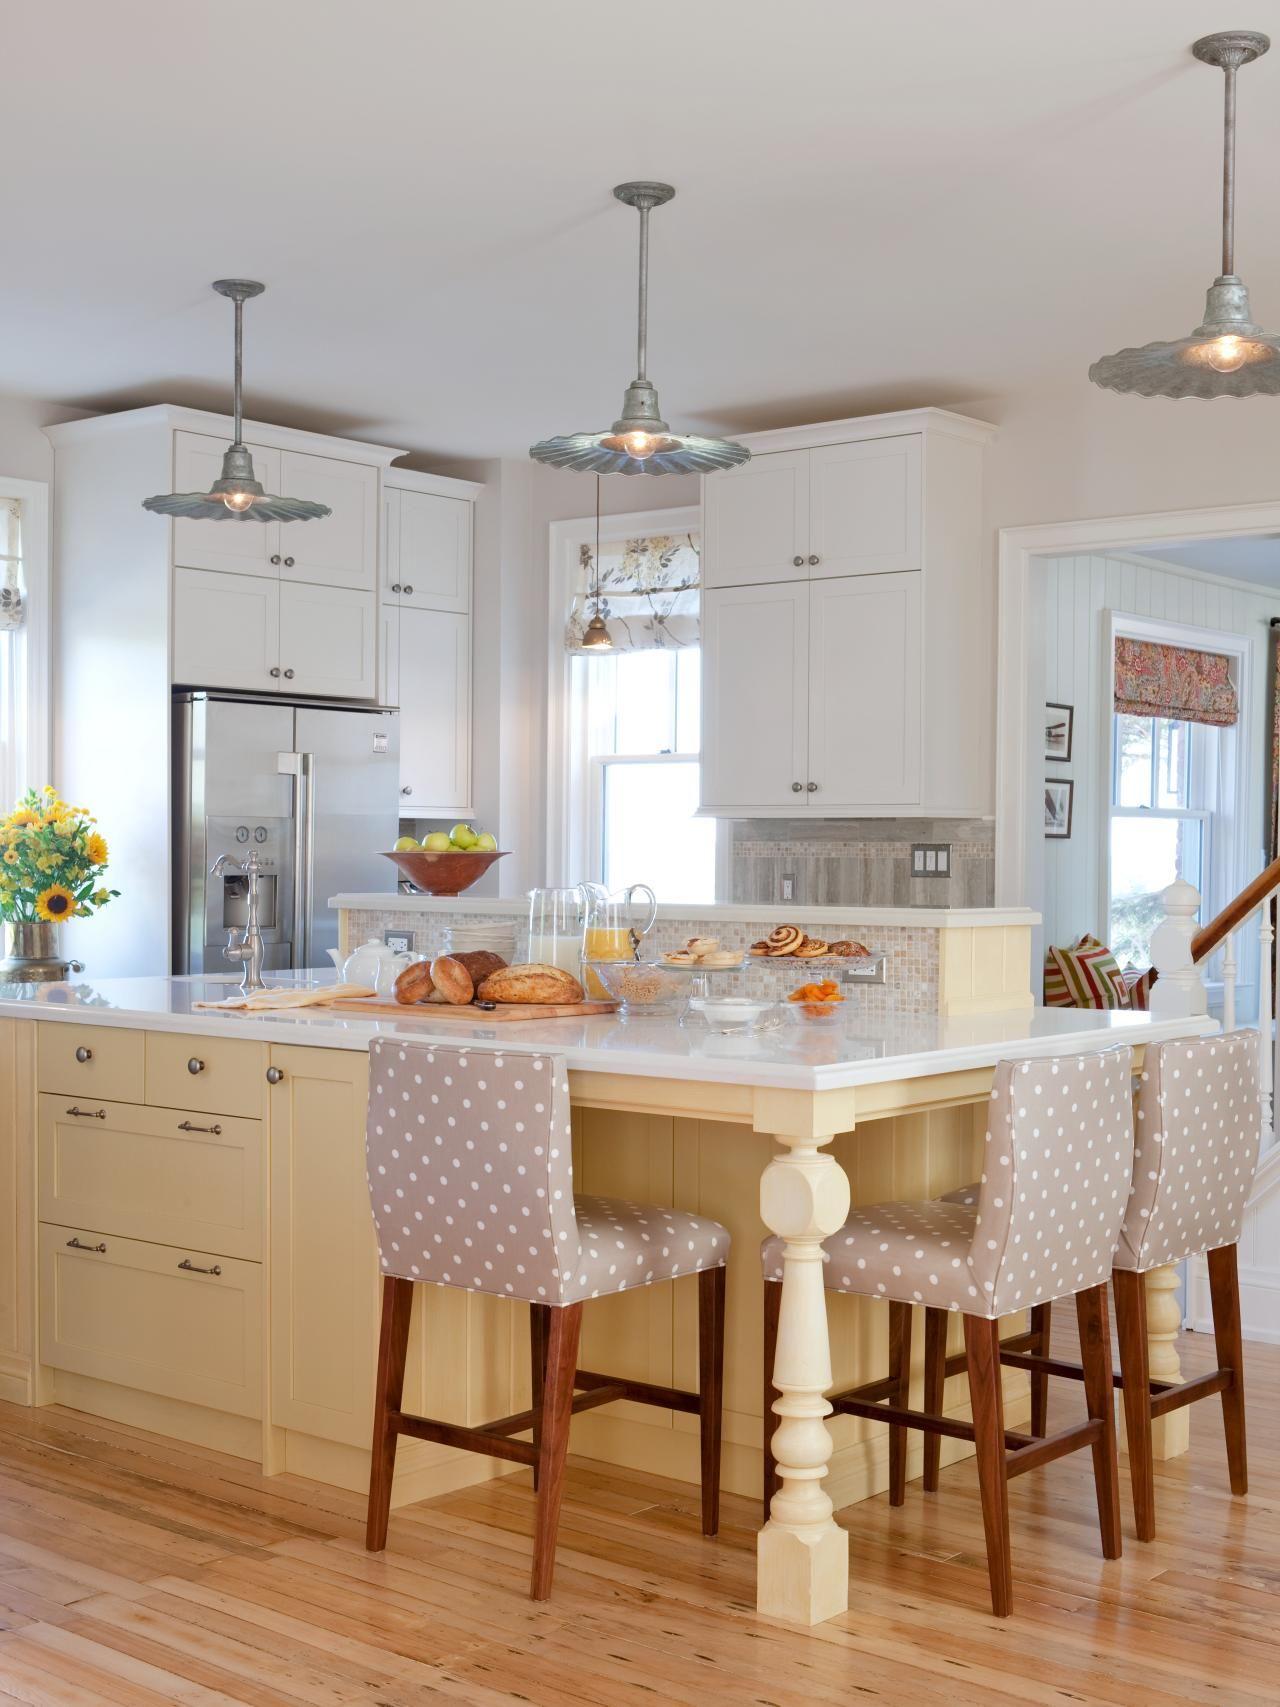 Küchendesign von fliesen frische gelbe land küche küchen genießen sie die freiheit eine